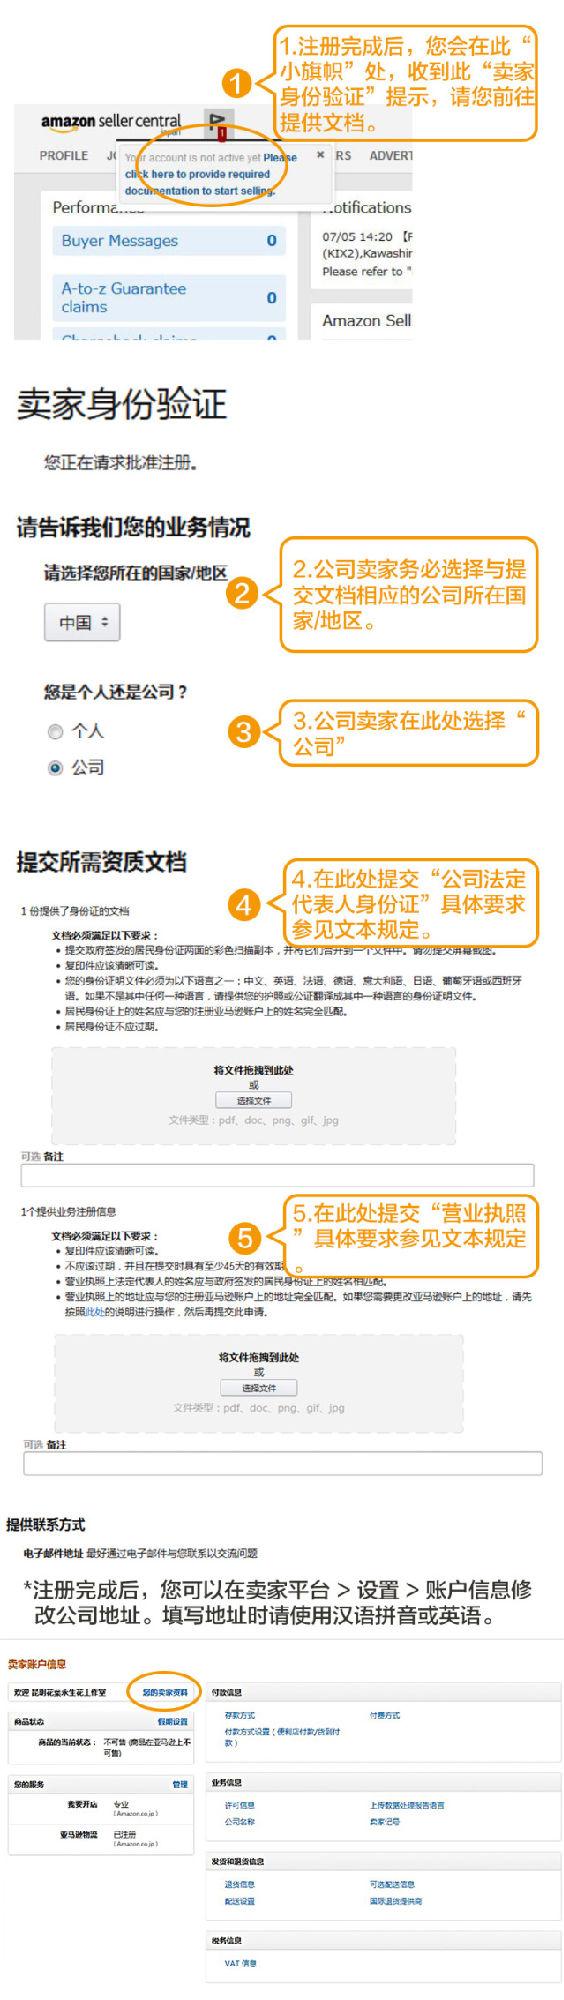 """亚马逊培训之日本站""""卖家身份验证""""上线"""